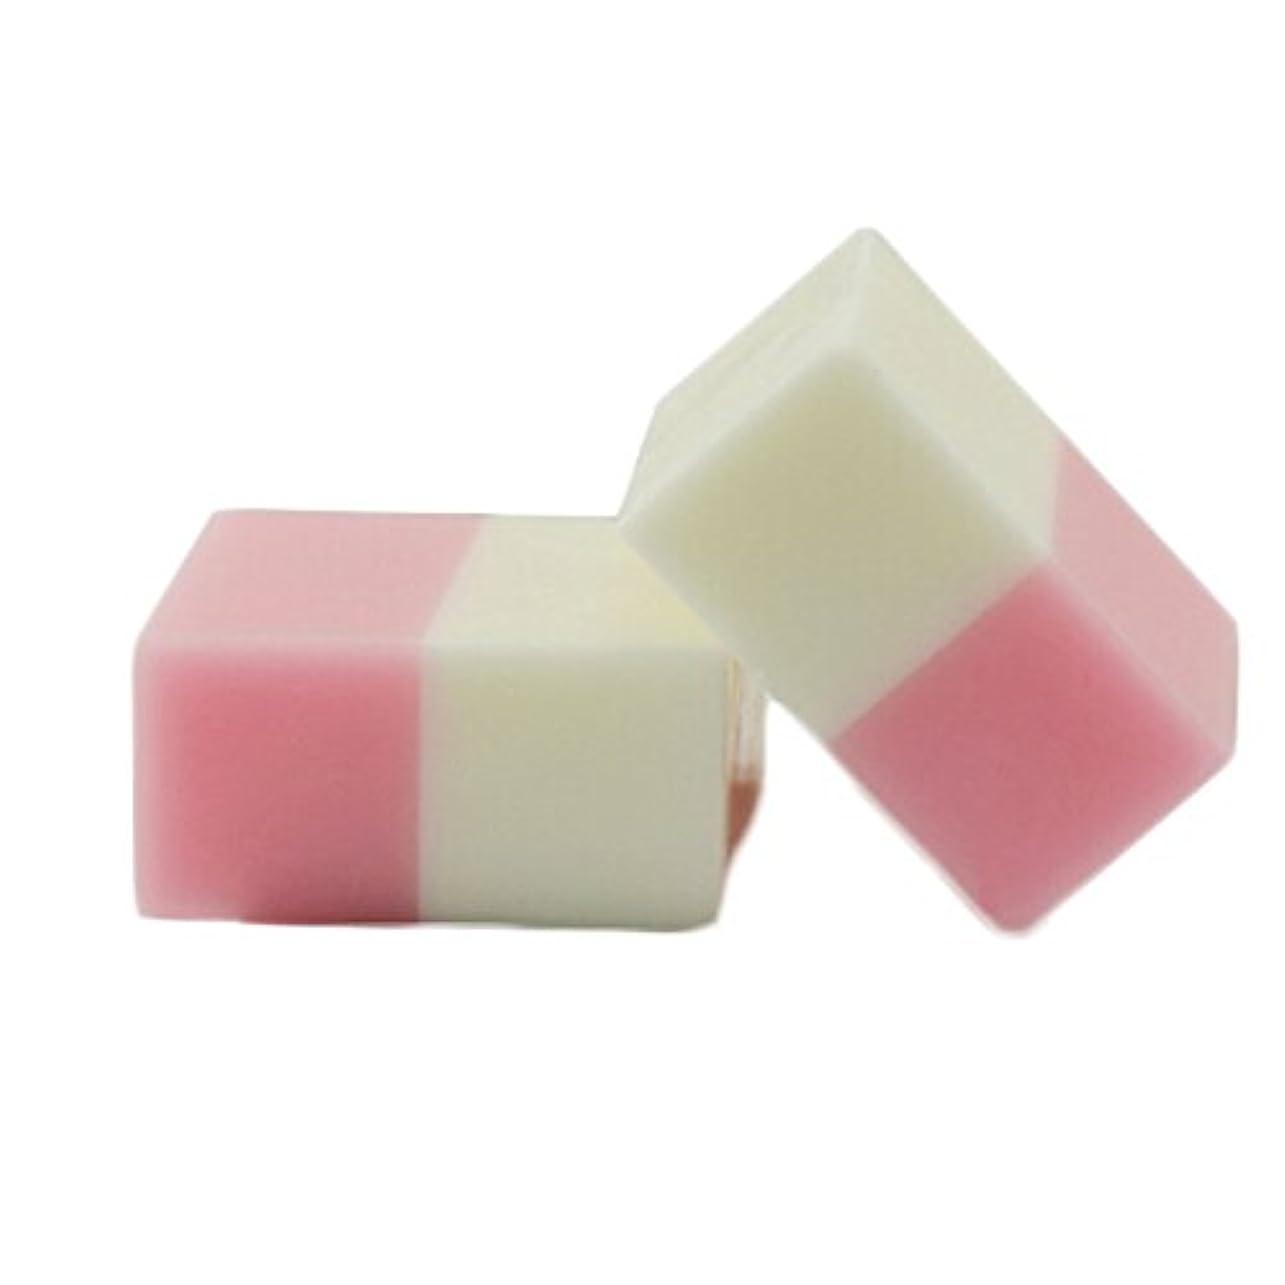 コンサルタント醸造所歌うTerGOOSE 石鹸 無添加 固形せっけん 洗顔 美白 ローズ+ミルク 100g